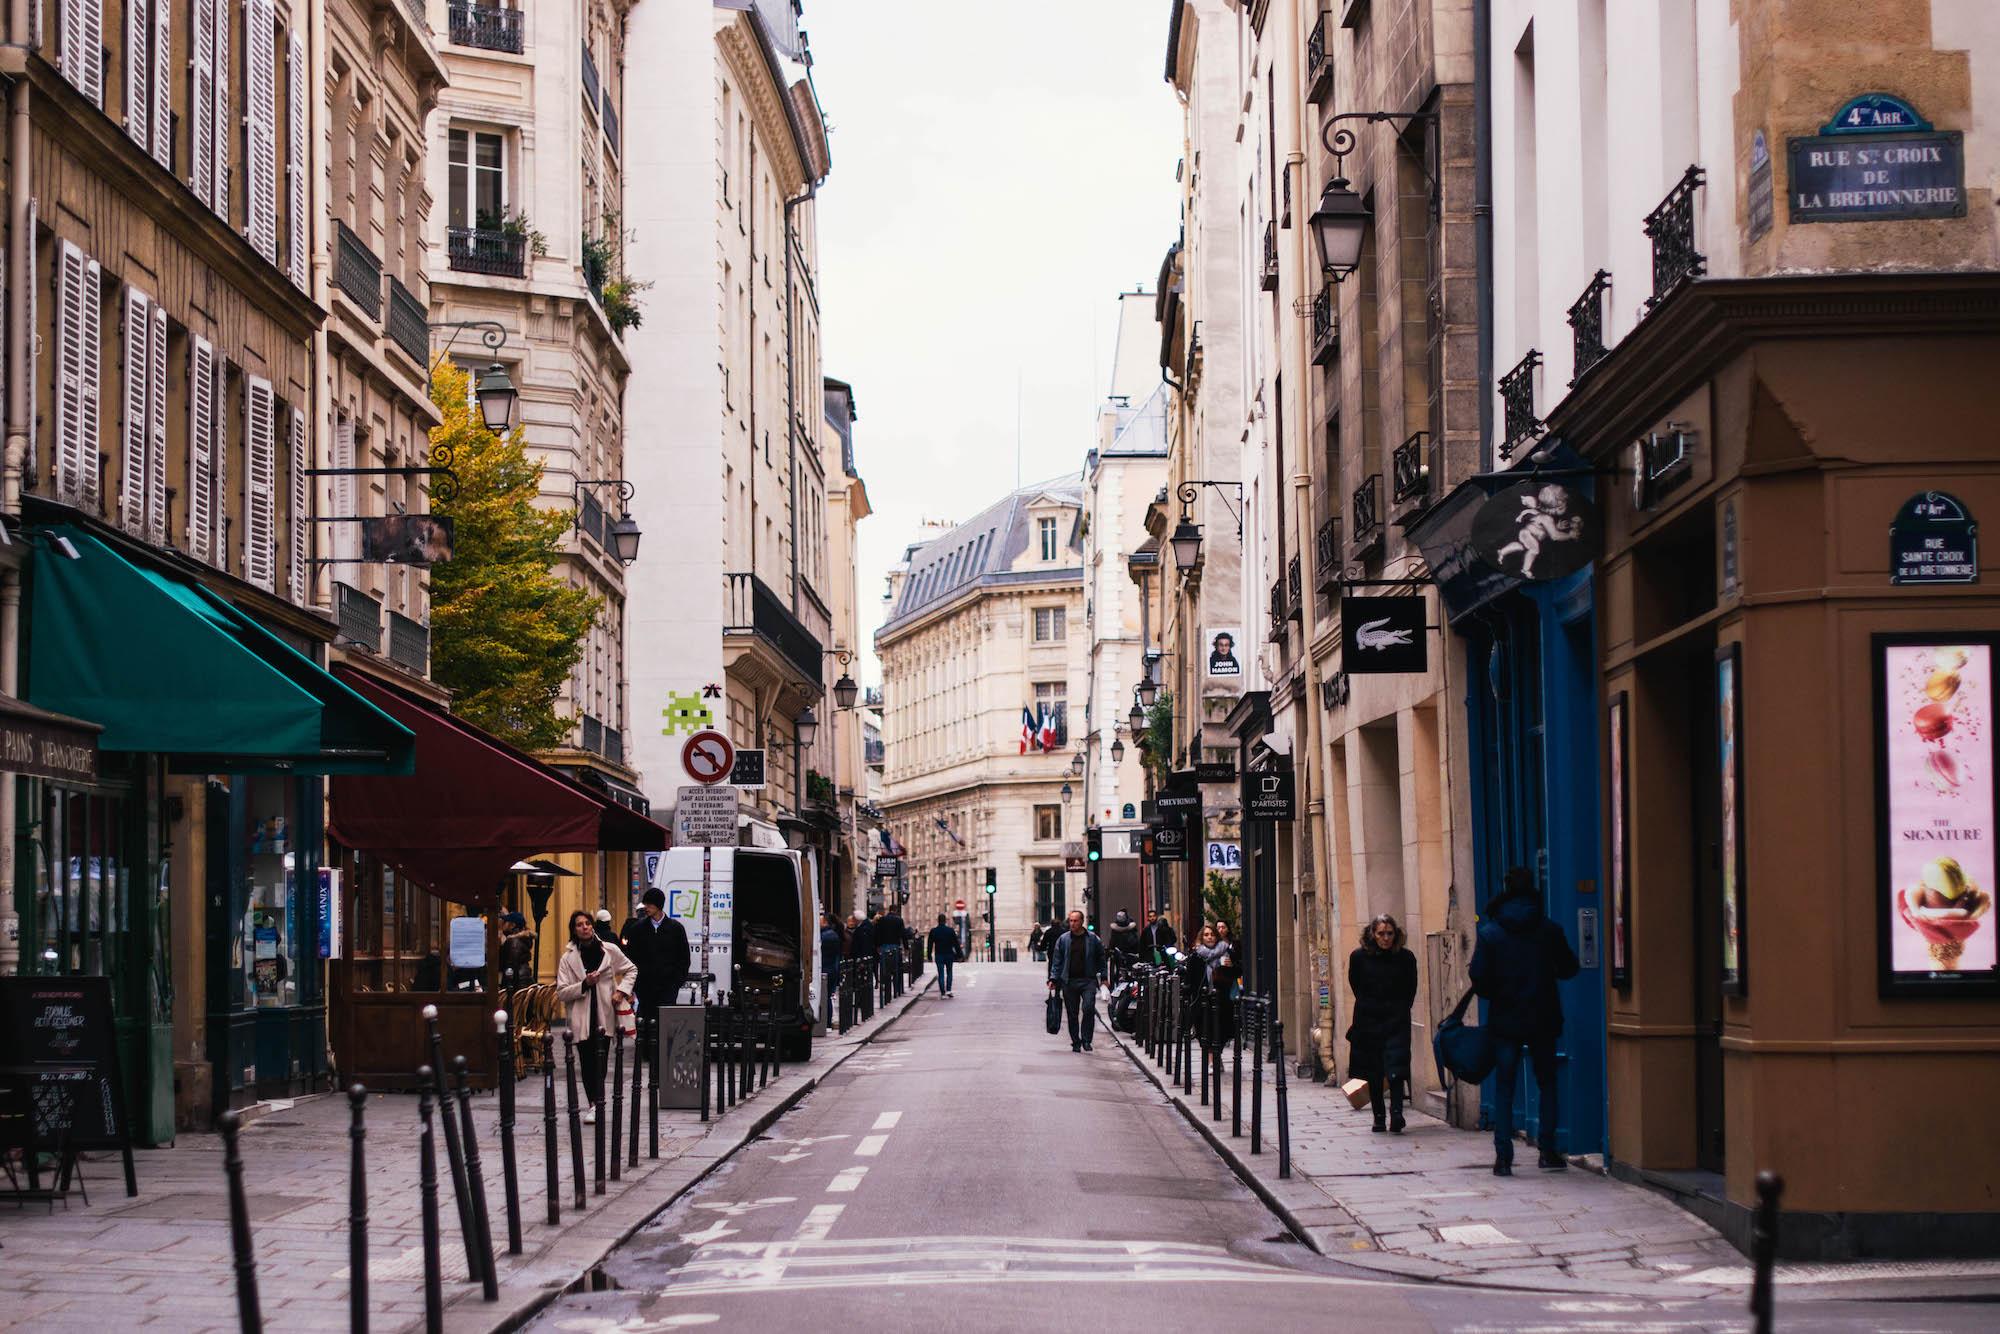 A quite morning on rue Saint Croix de la Bretonnerie in Paris' 4th arrondissement.